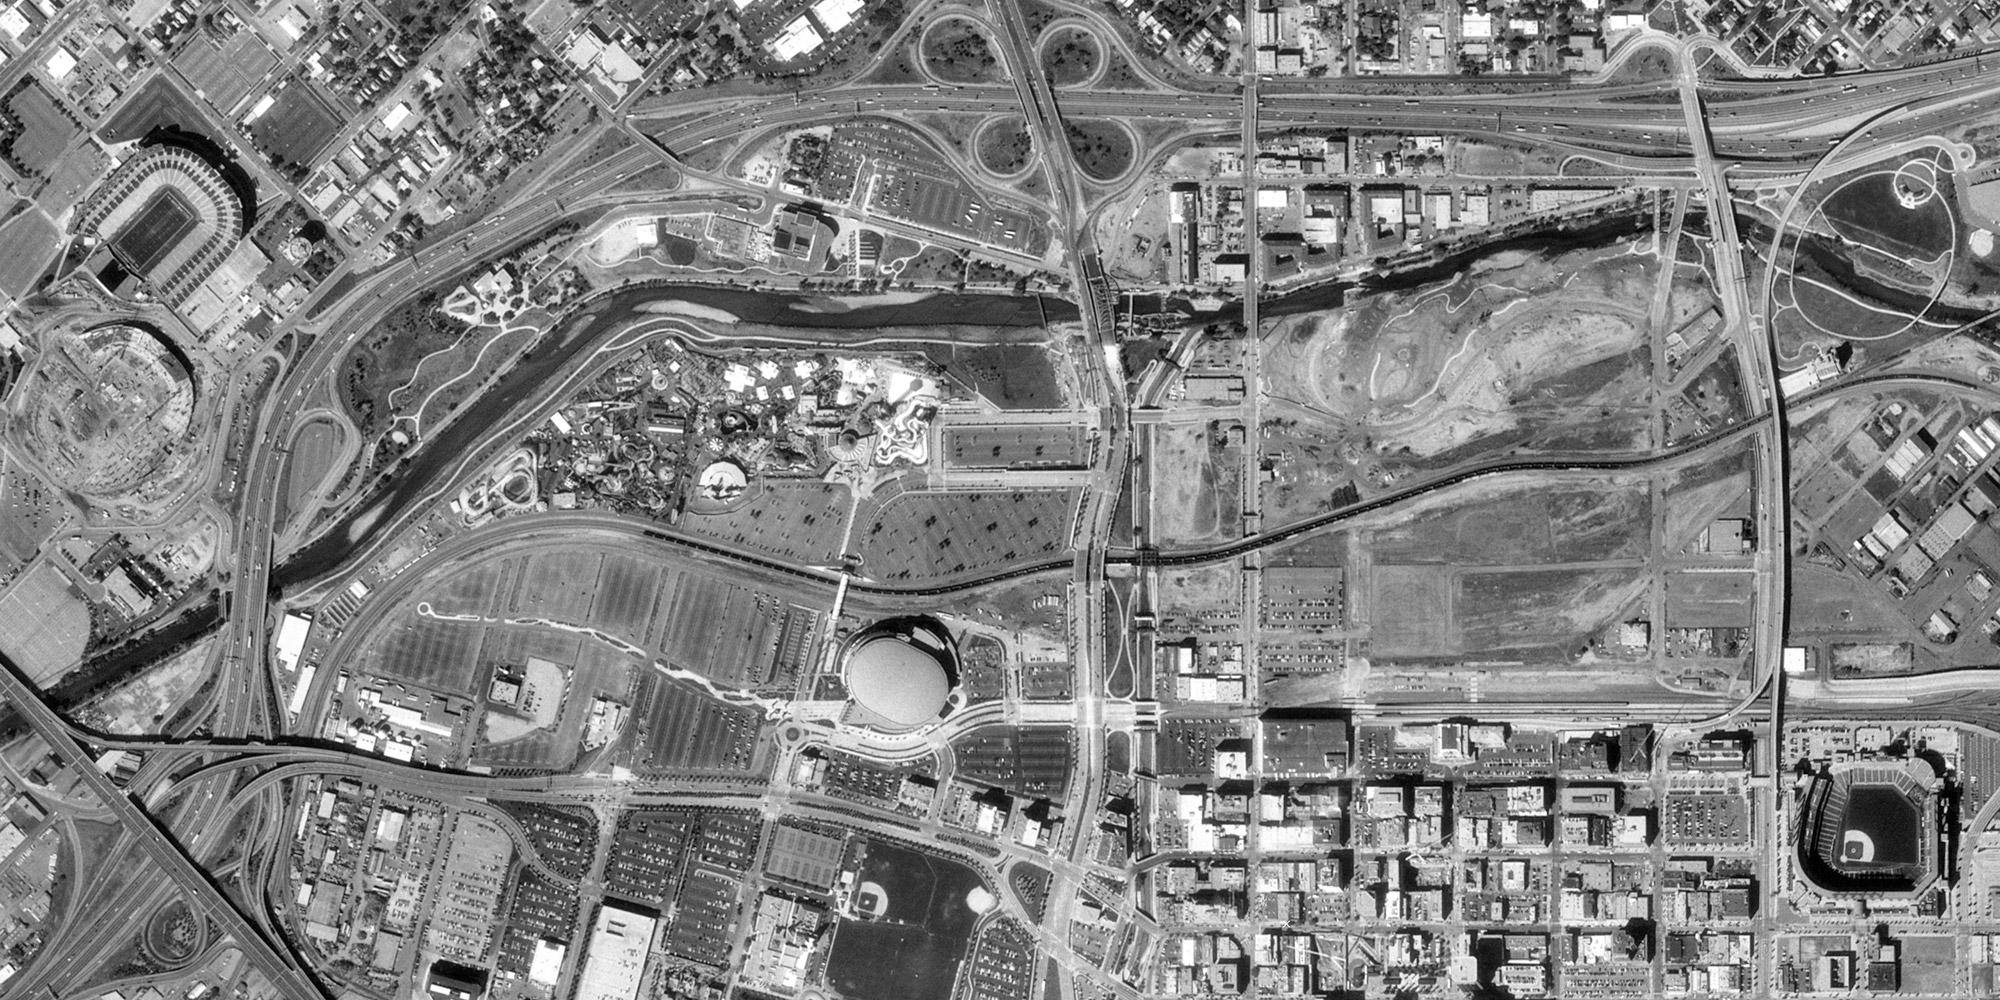 Aerial image of Denver's Central Platte Valley, October 1999